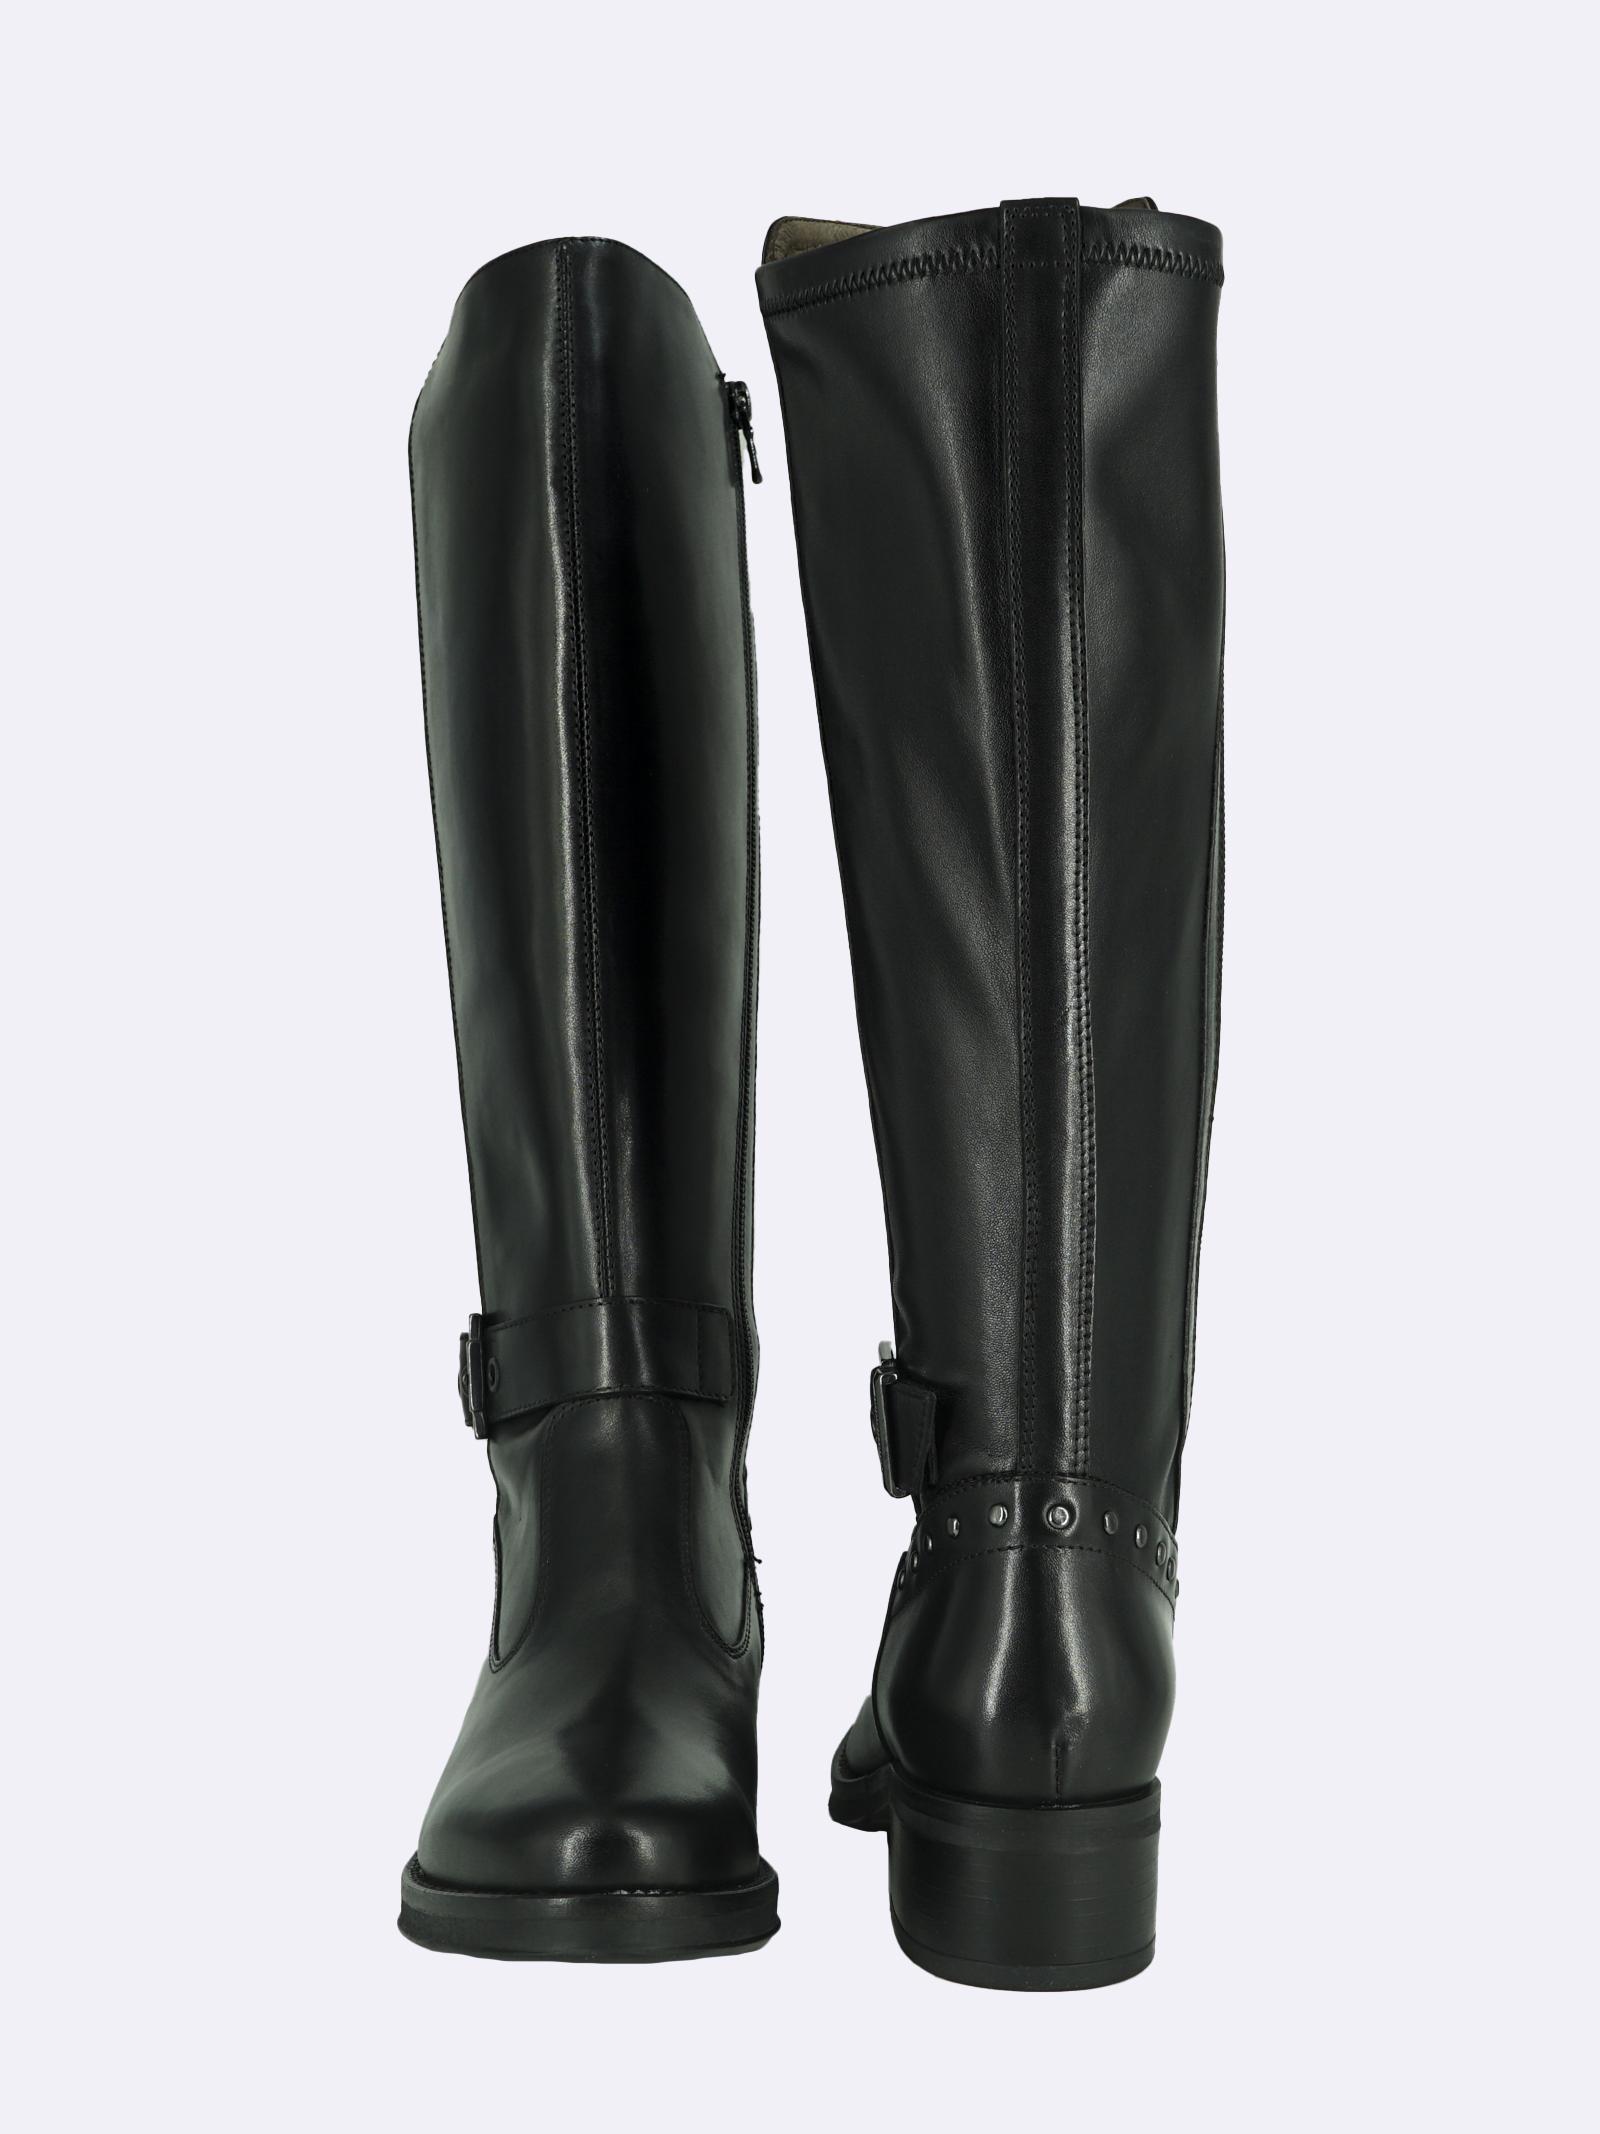 Stivali Donna in Pelle Nero con Borchie Nero Giardini   Stivali   I117600DNERO100